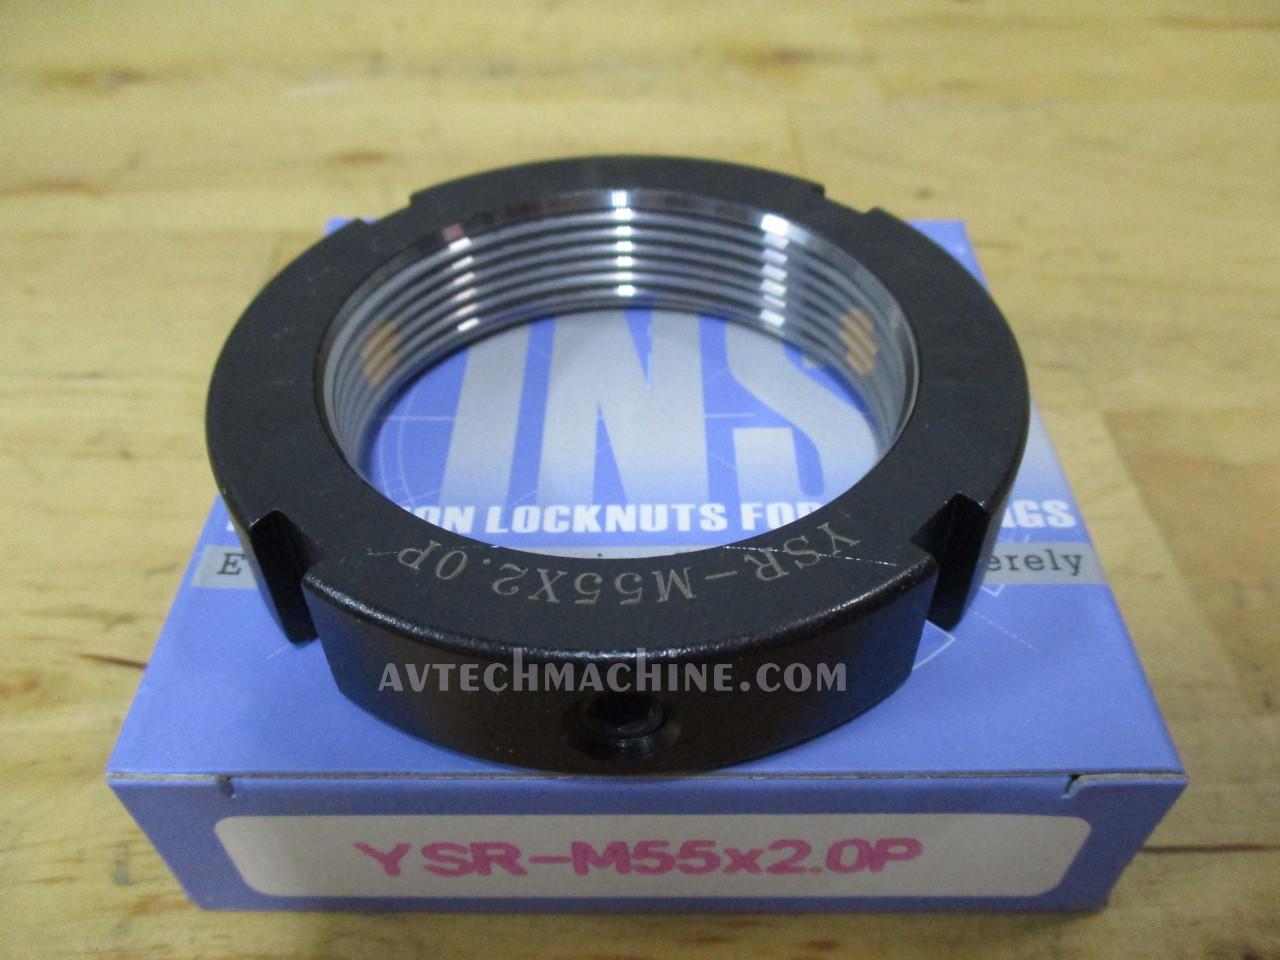 Turning- Red Yinsh Precision Bearing Locknut YSR-M55x2.0P